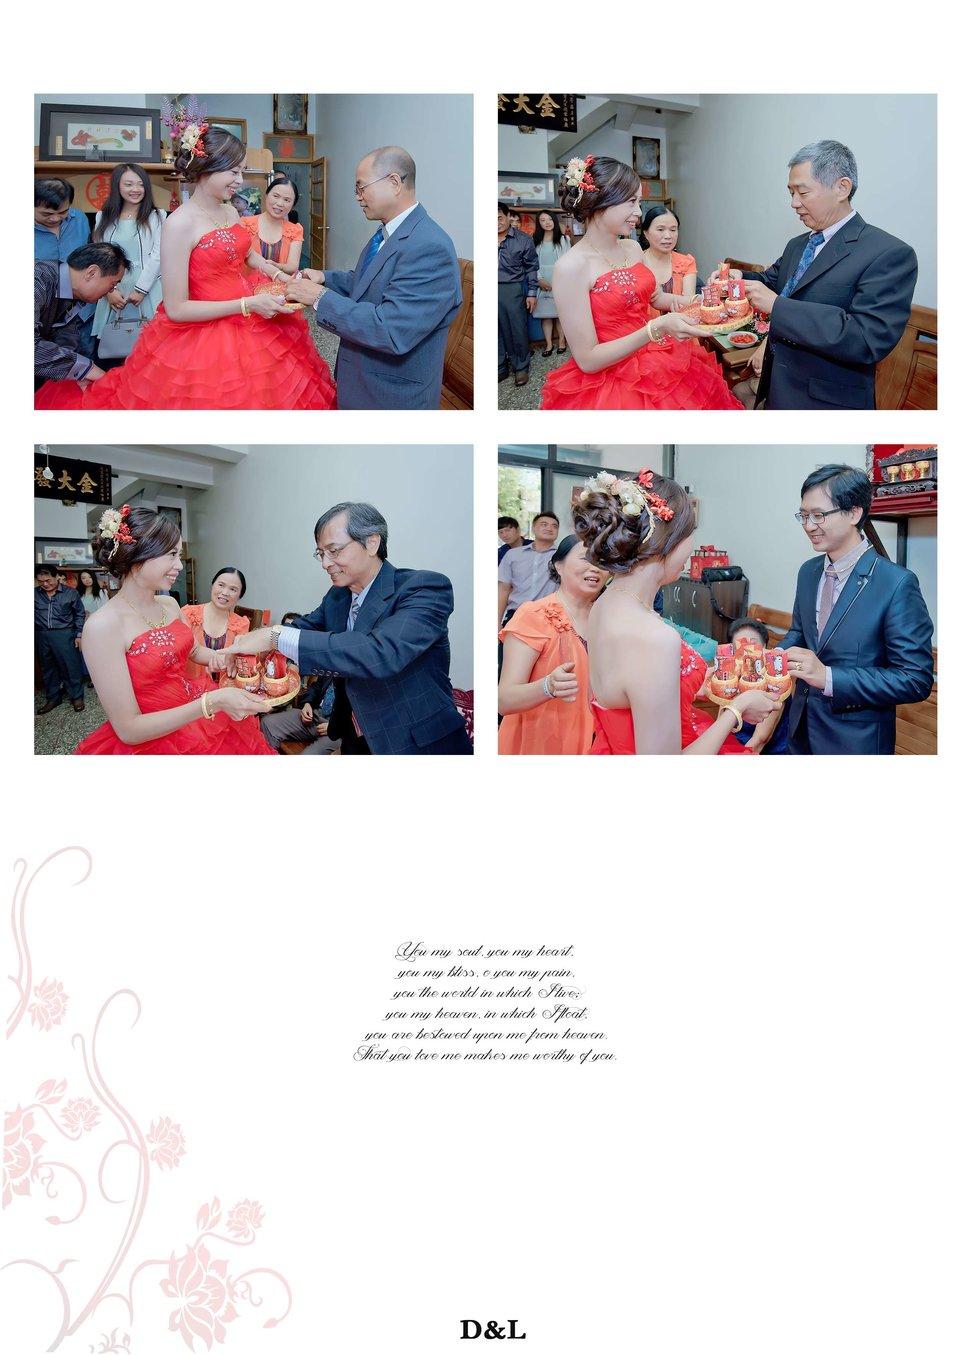 台中婚攝 婚禮攝影 訂結儀式午宴 球愛物語景觀婚禮會館-平面攝影(編號:374396) - D&L 婚禮事務 · 婚禮婚紗攝影 - 結婚吧